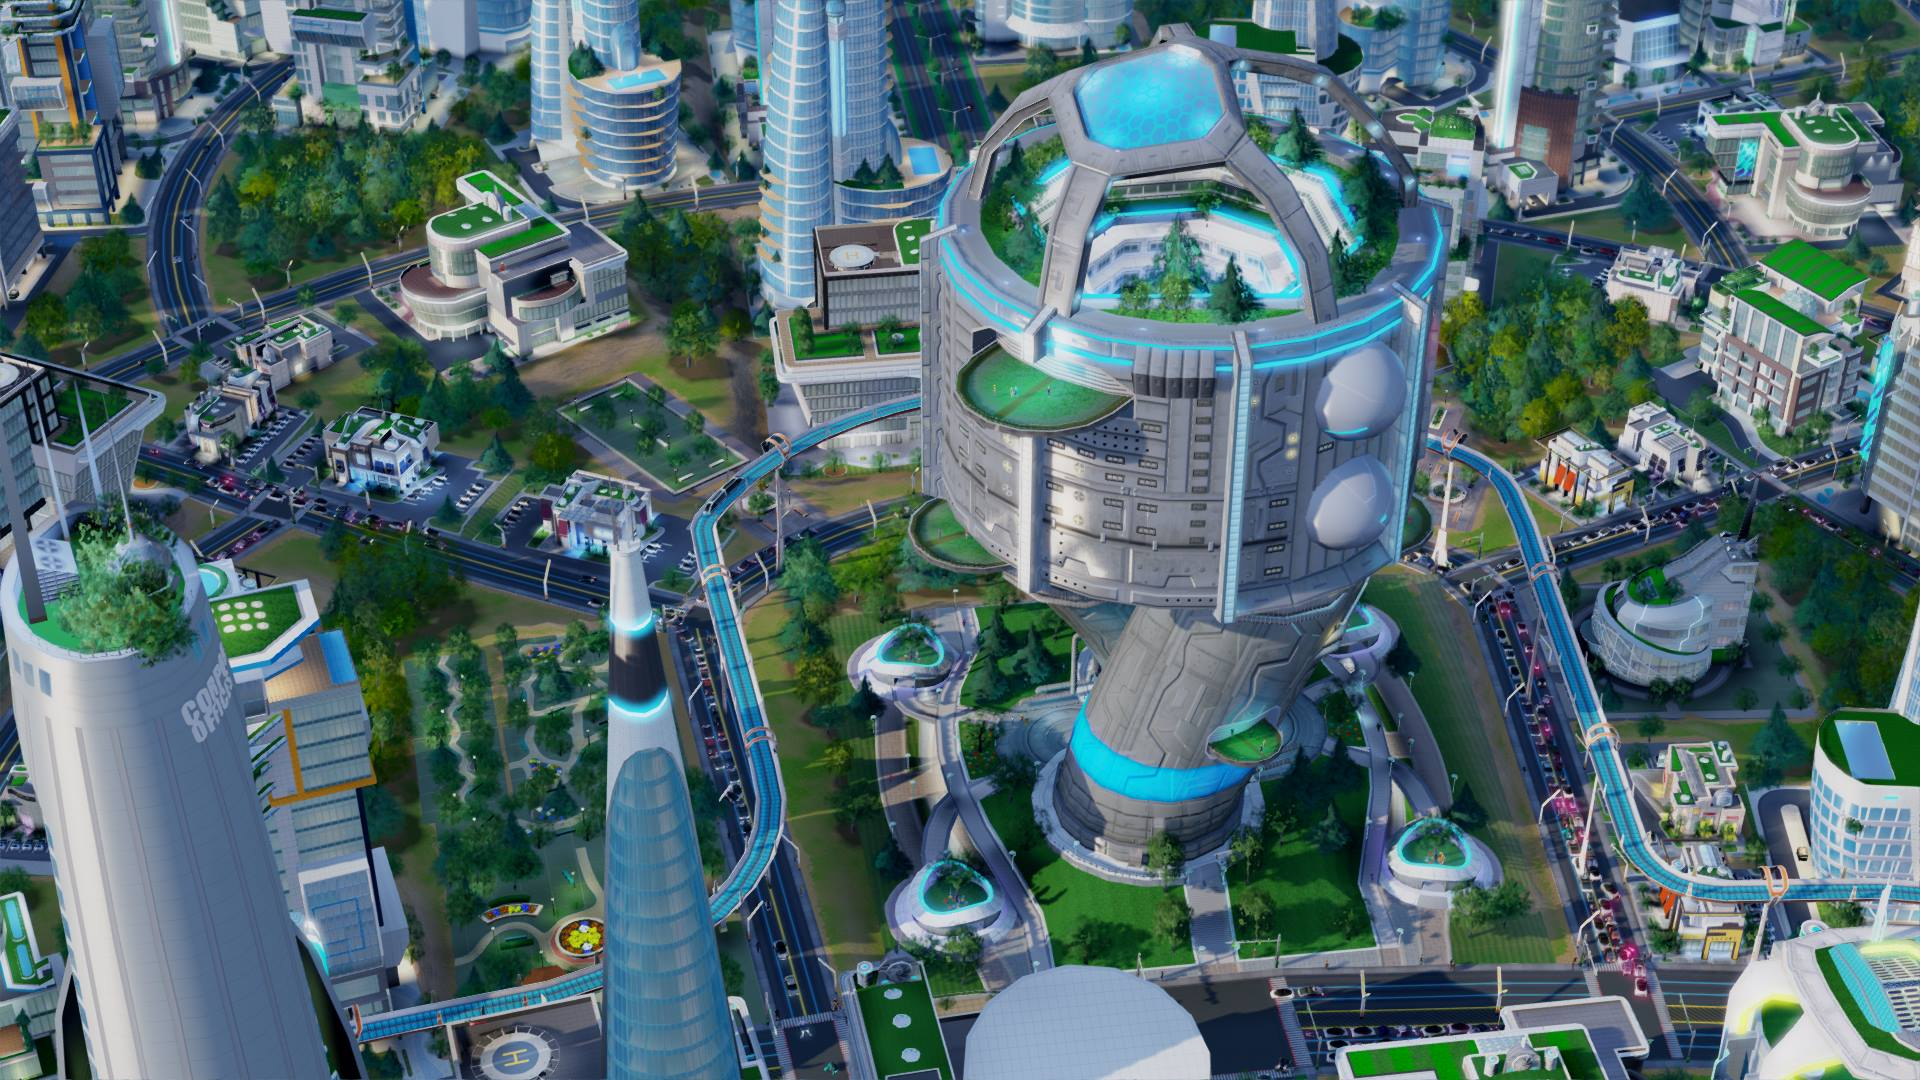 未来之城电车大道如何布置_电车大道布置方法详解  模拟城市5:未来之图片